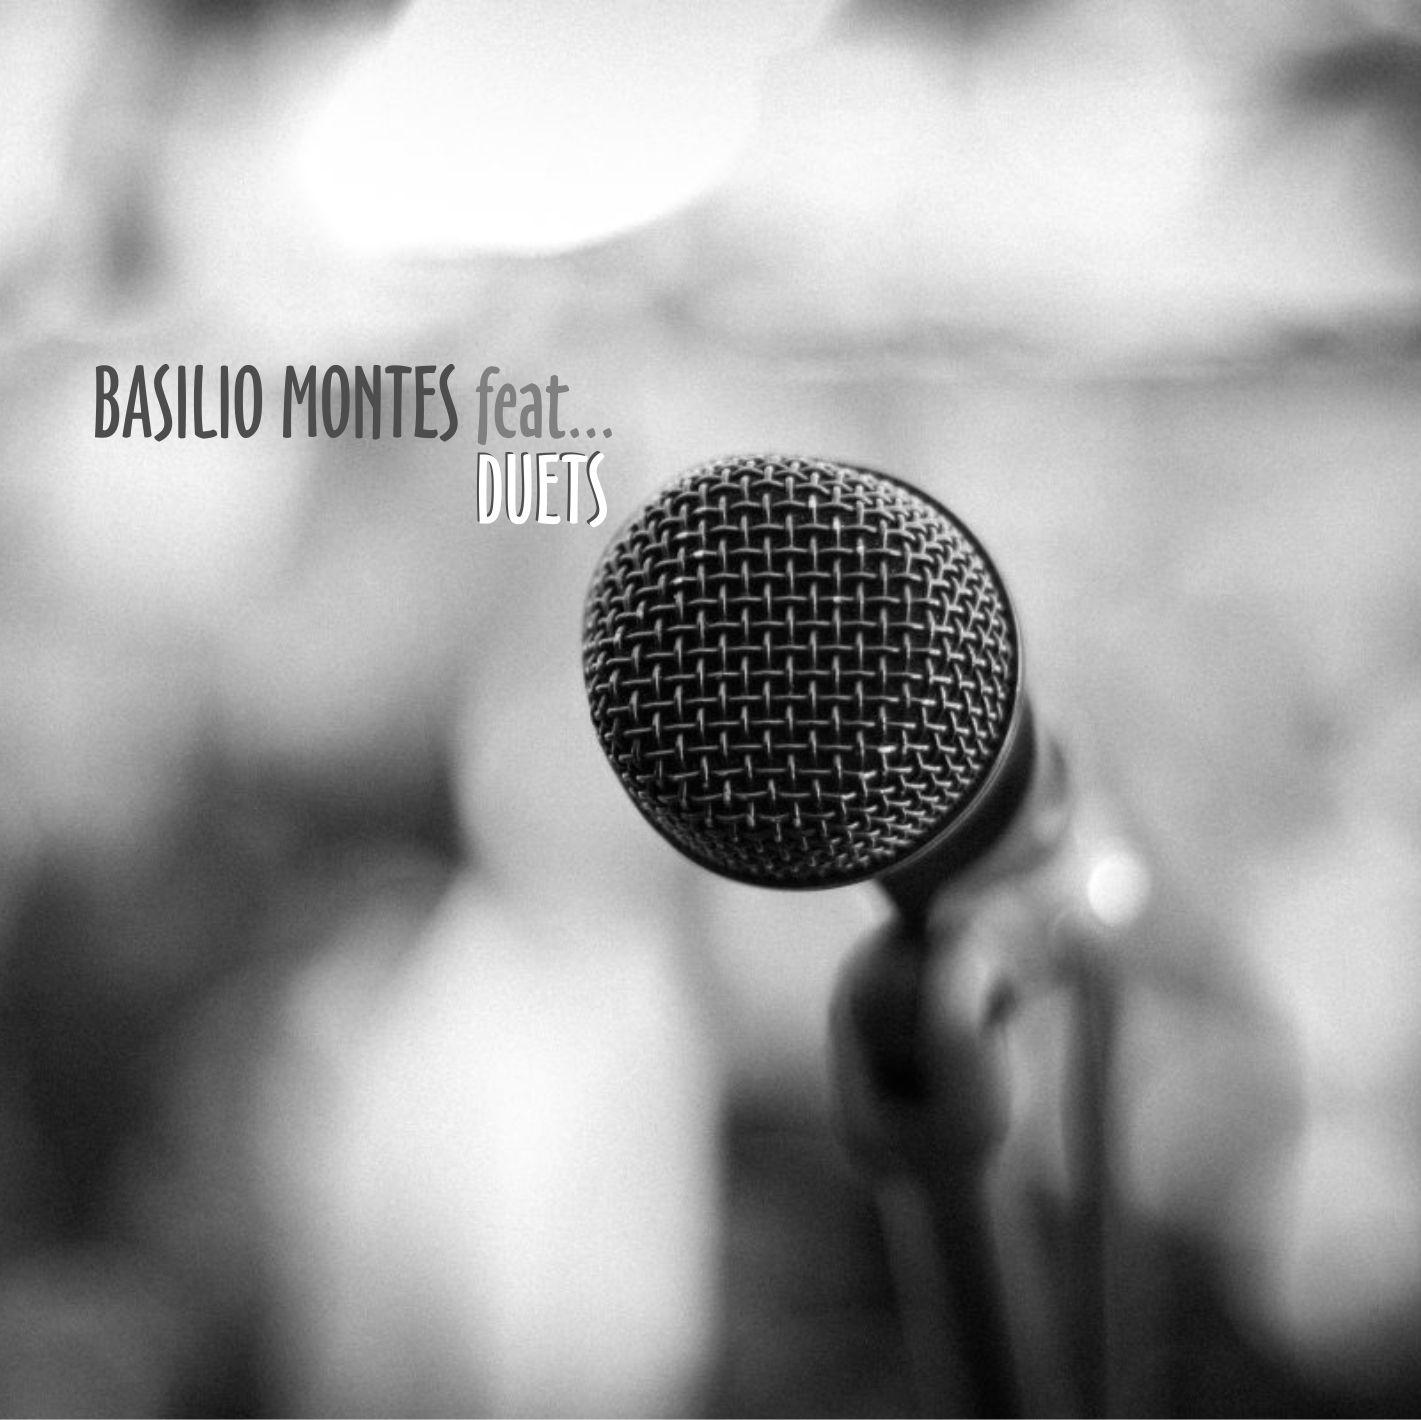 Basilio Montes, DUETS